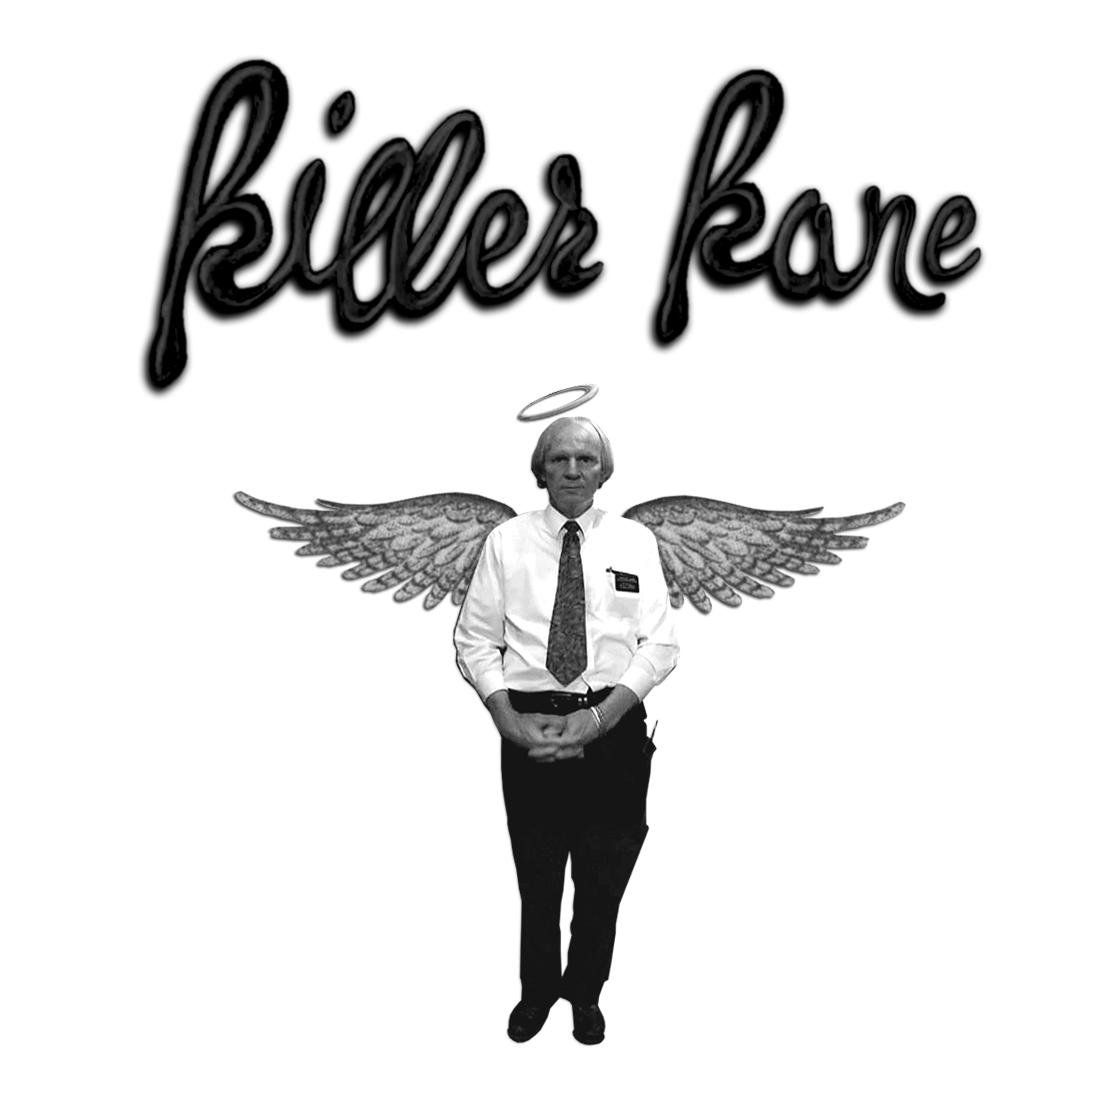 deXter Bentley - Killer Kane